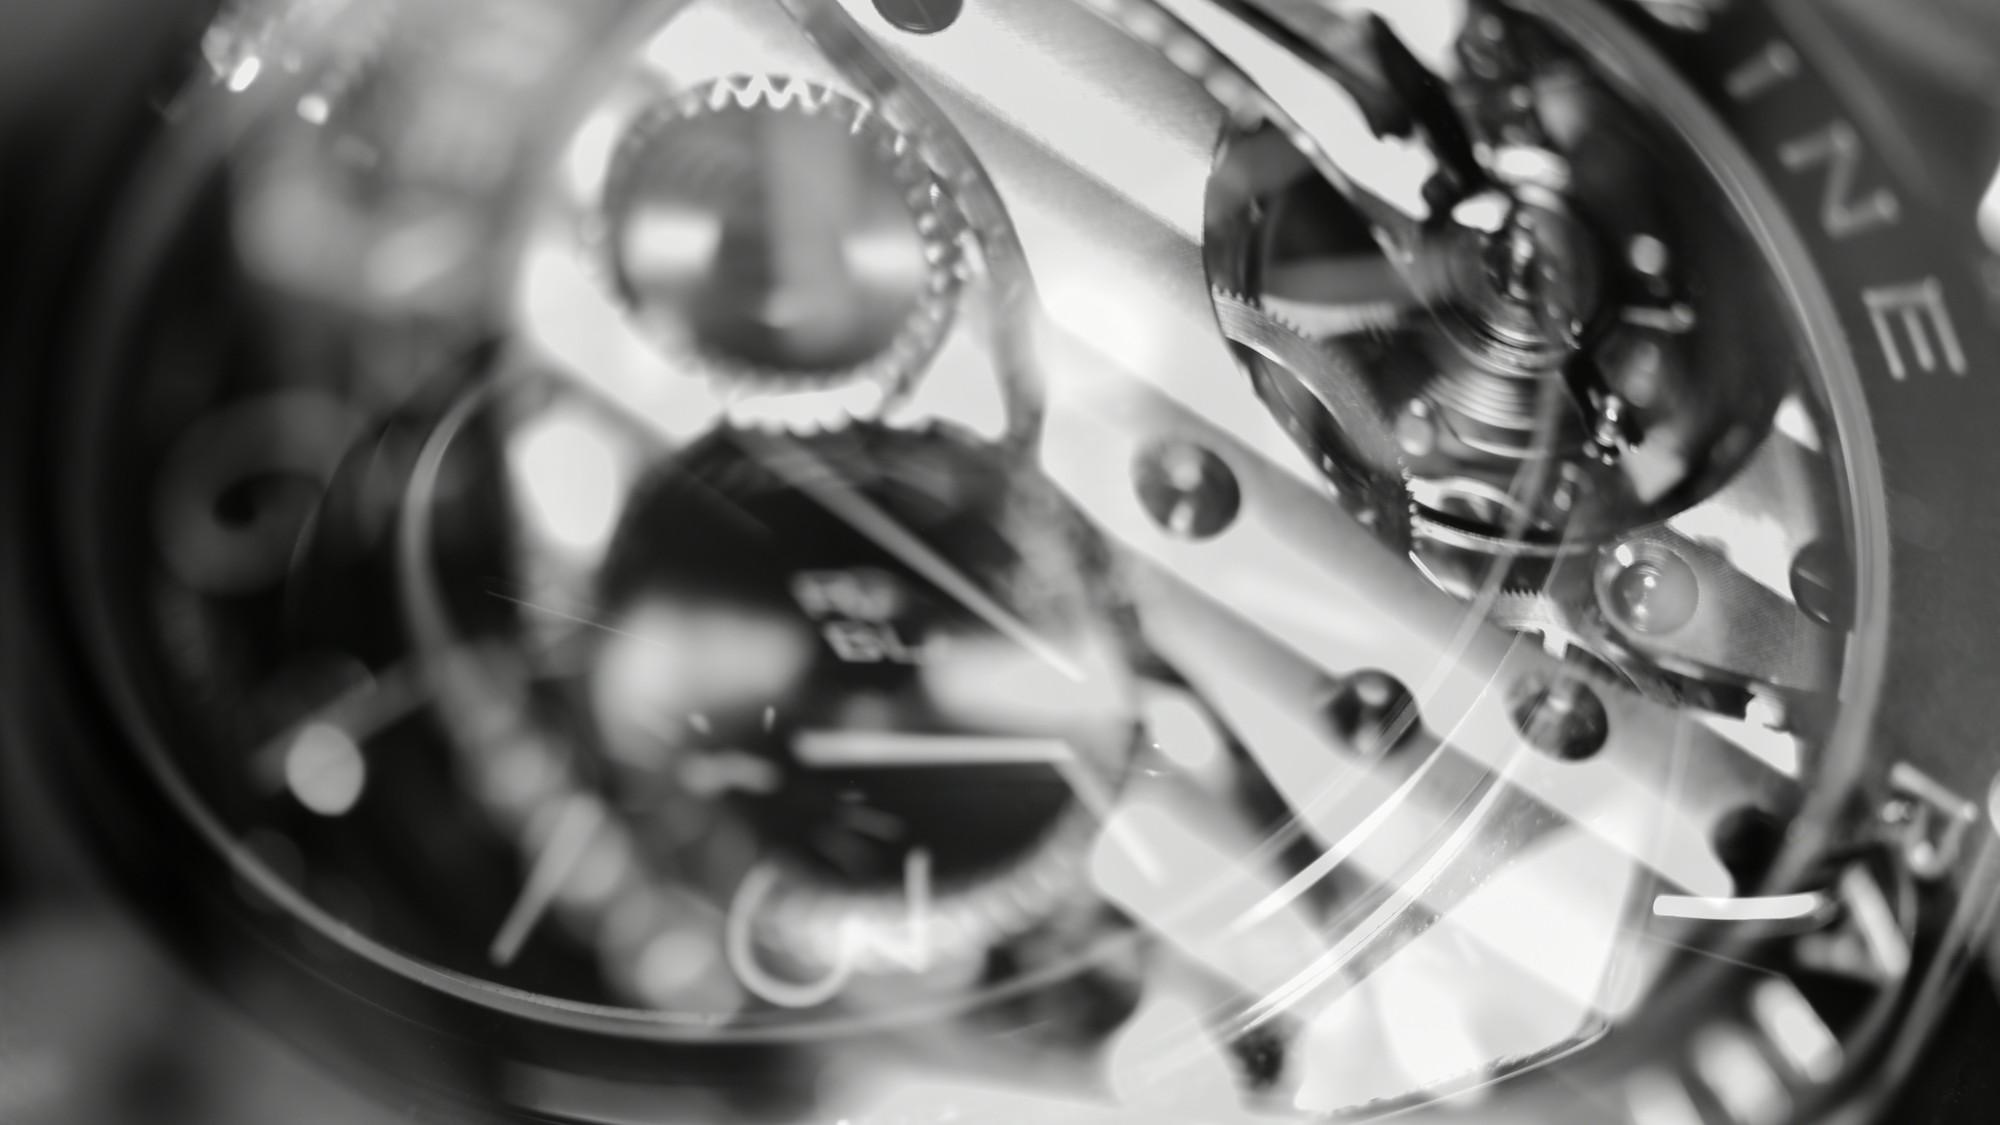 恐ろしい…腕時計投資の世界「デイトナ」驚愕の落札価格は?